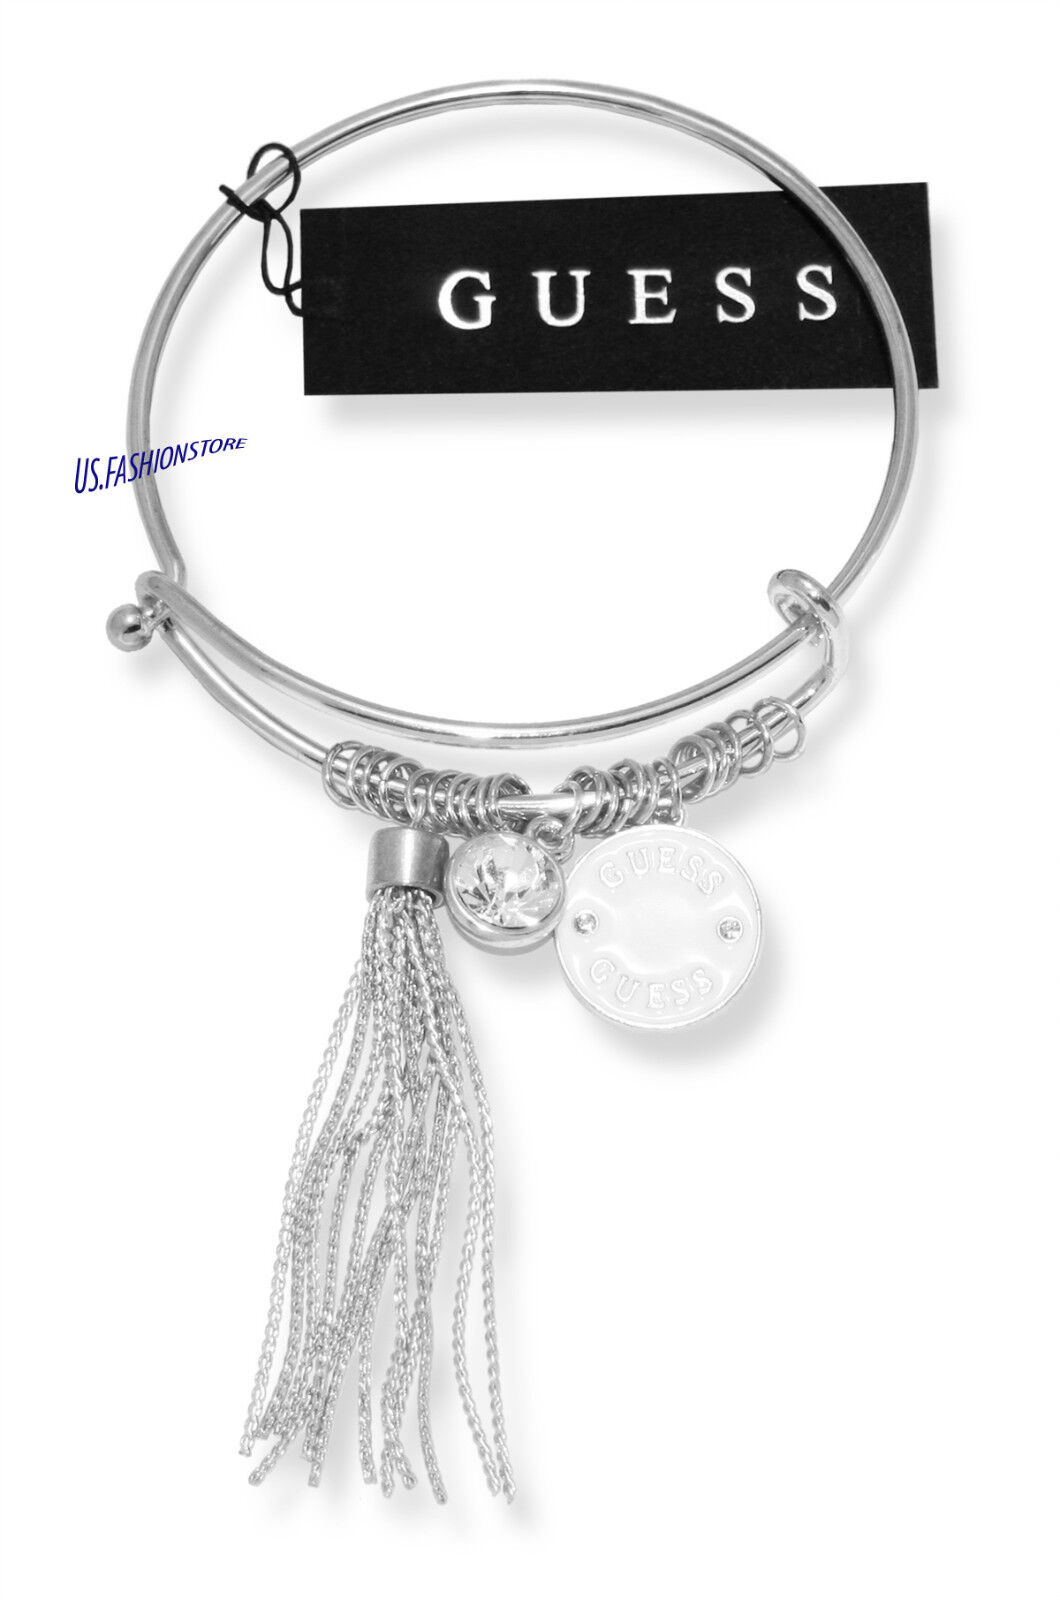 GUESS Damen Schmuck Armreif Armband Bracelet Silber Strass Beauty